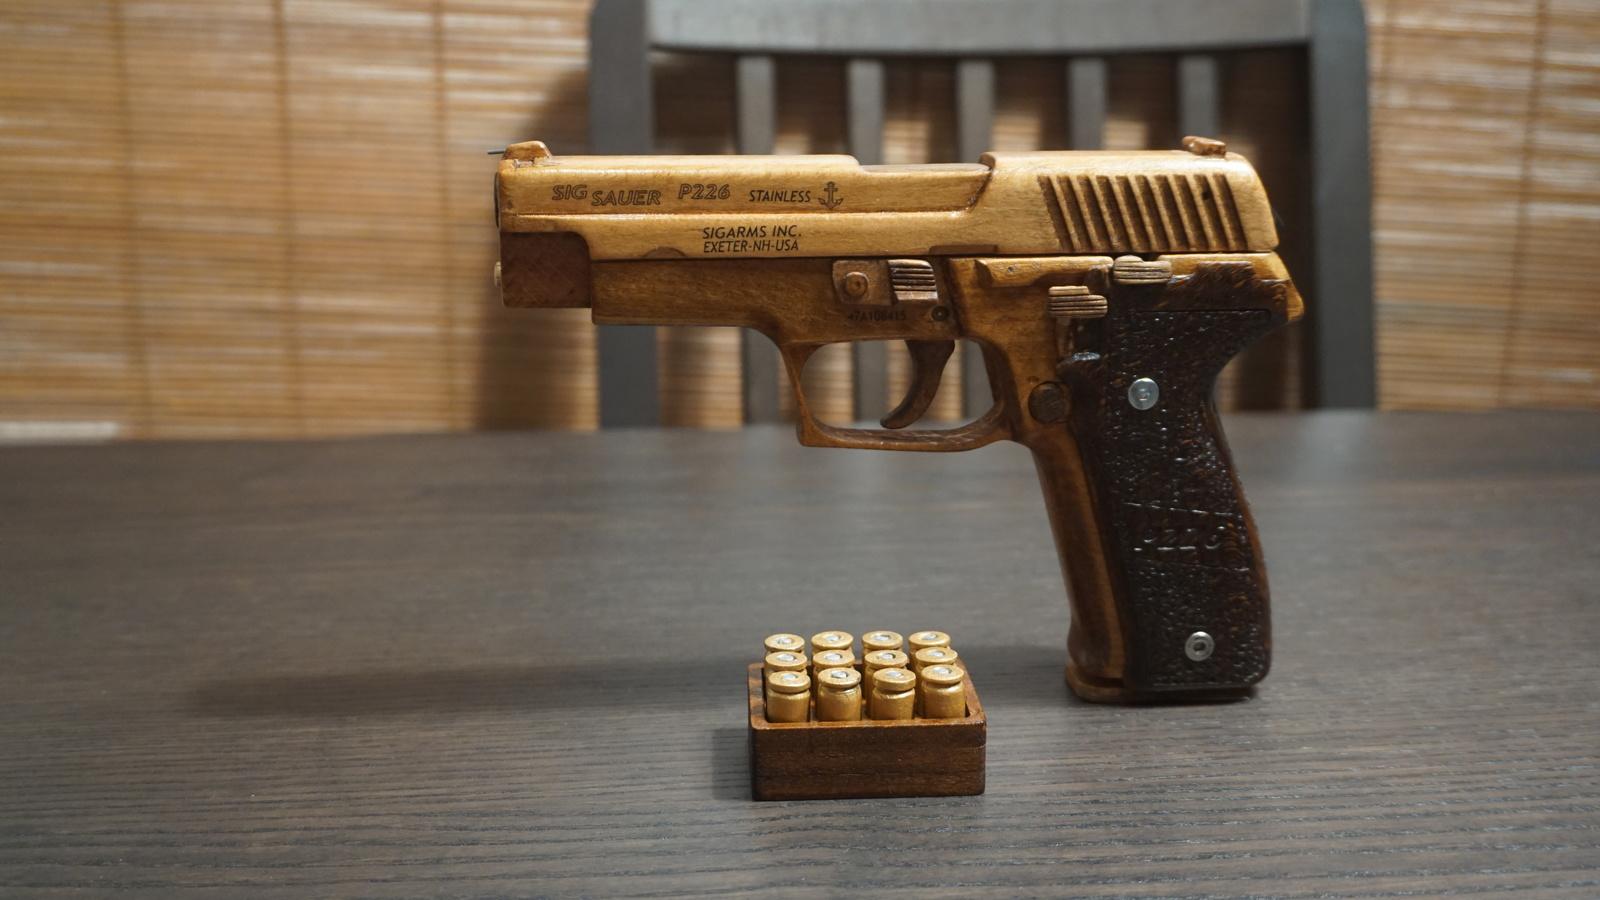 Пистолет SigSauer P226 из дерева можно, больше, резинками, почти, сделано, начало, коробить, Возможна, конструкцию, инструкции, оказлся, фатален, полная, разборка, Источник, производство, своего, работает, Видео, прототипа